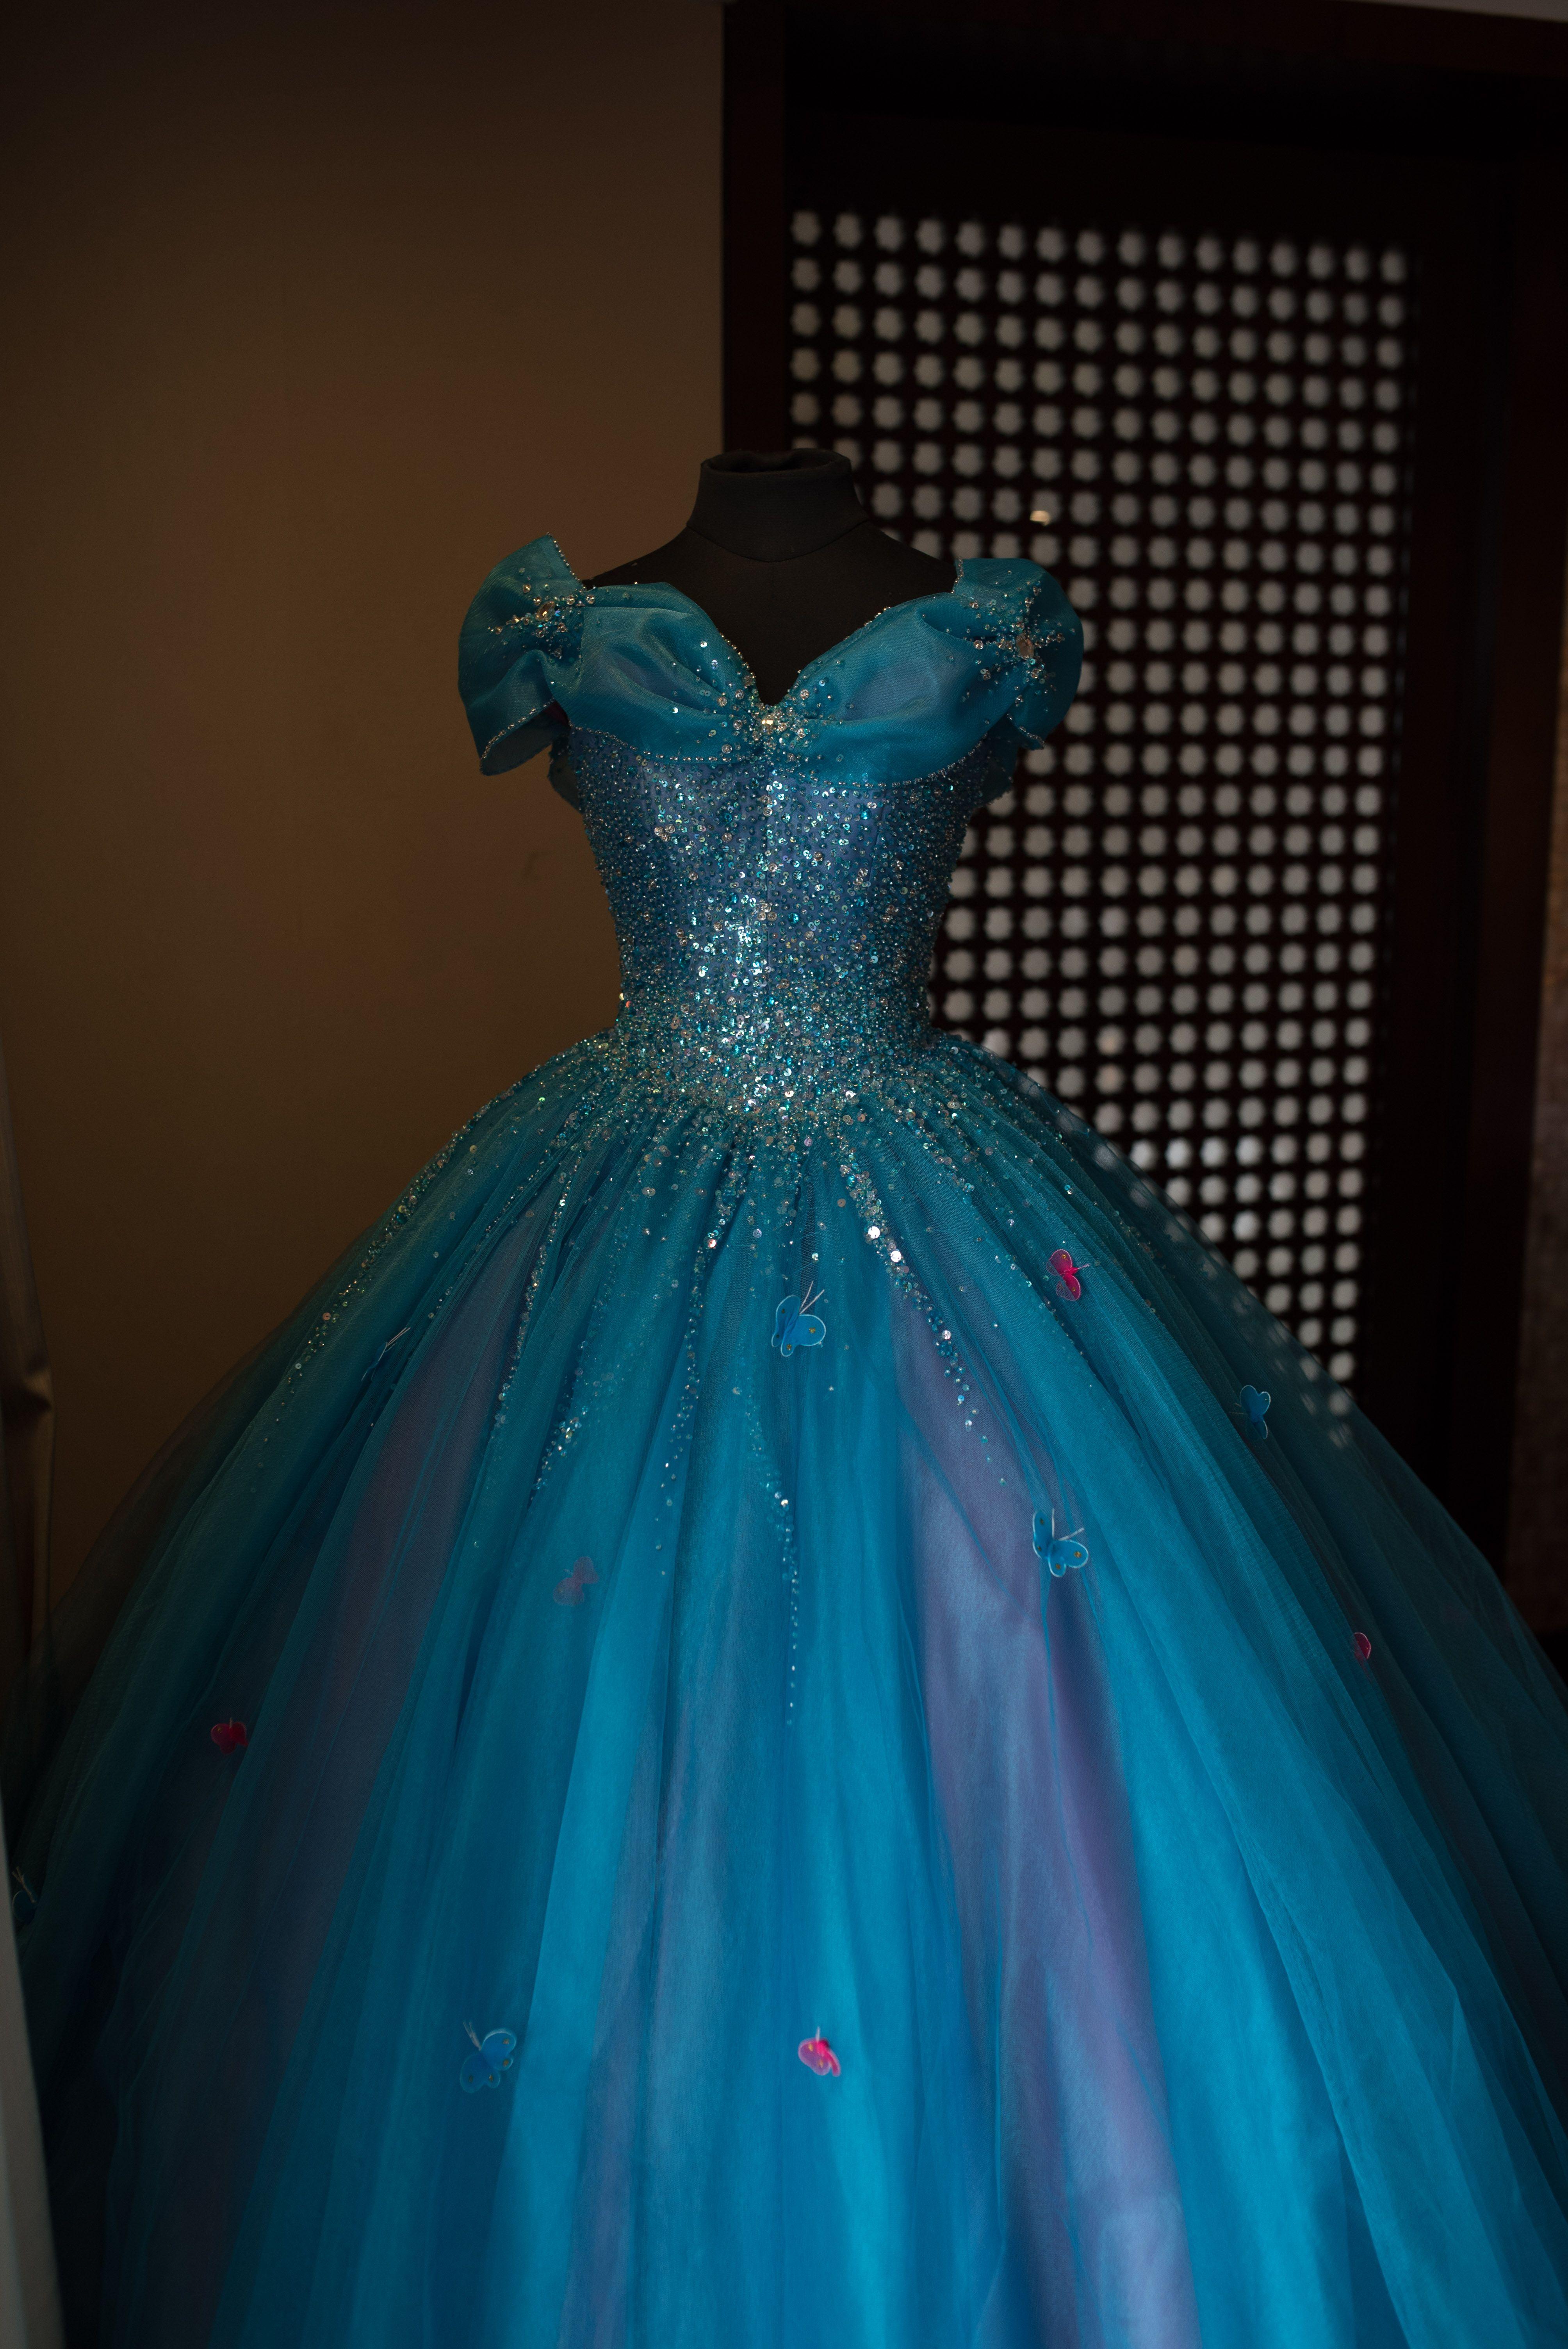 cinderellagown #cinderellagown debut 18thbirthday birthday gown ...